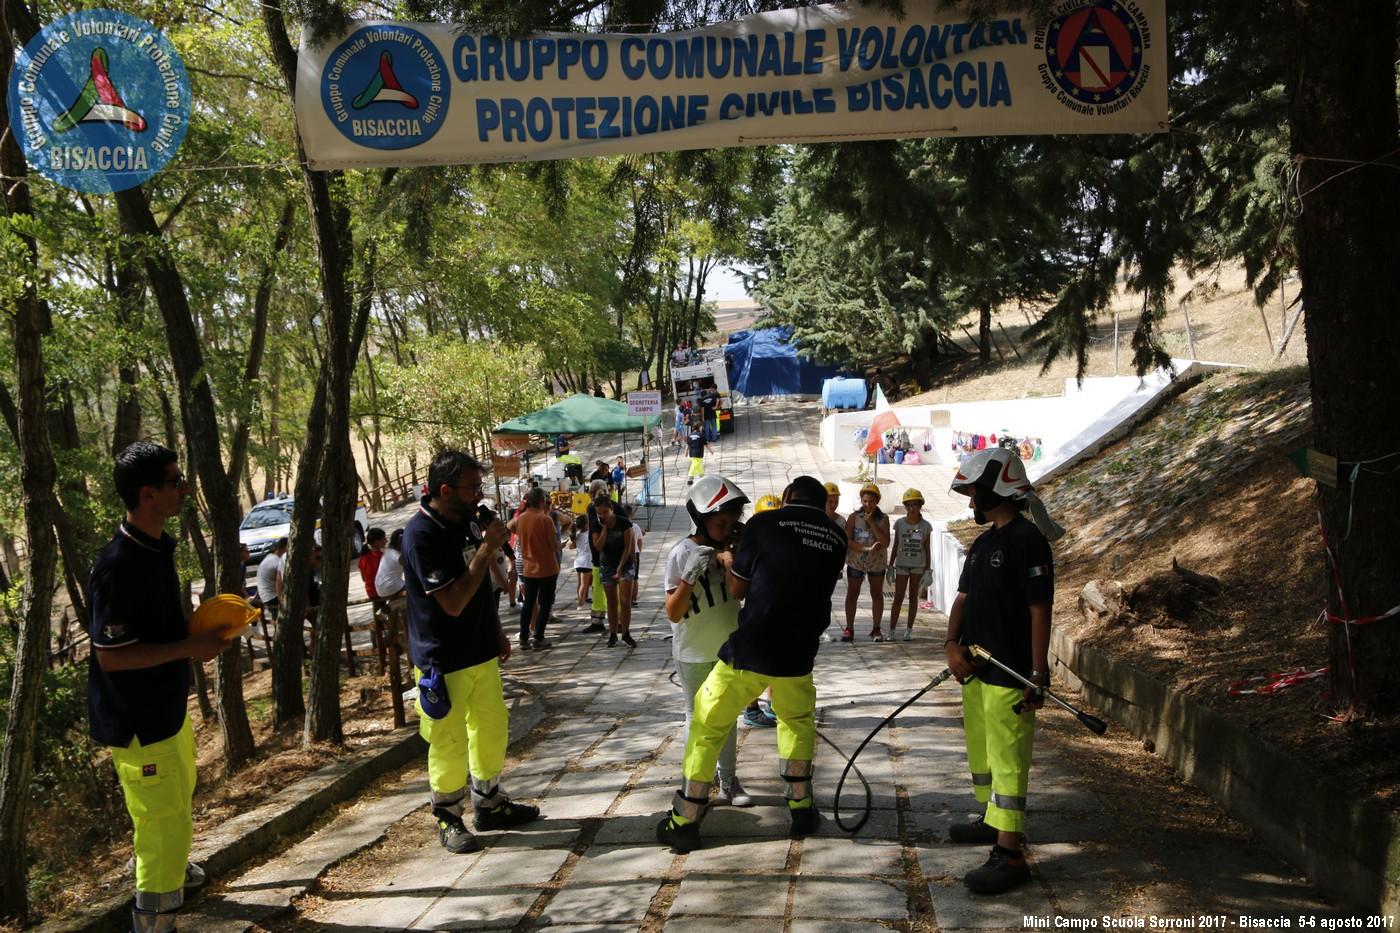 Mini Campo Scuola Serroni 201700007